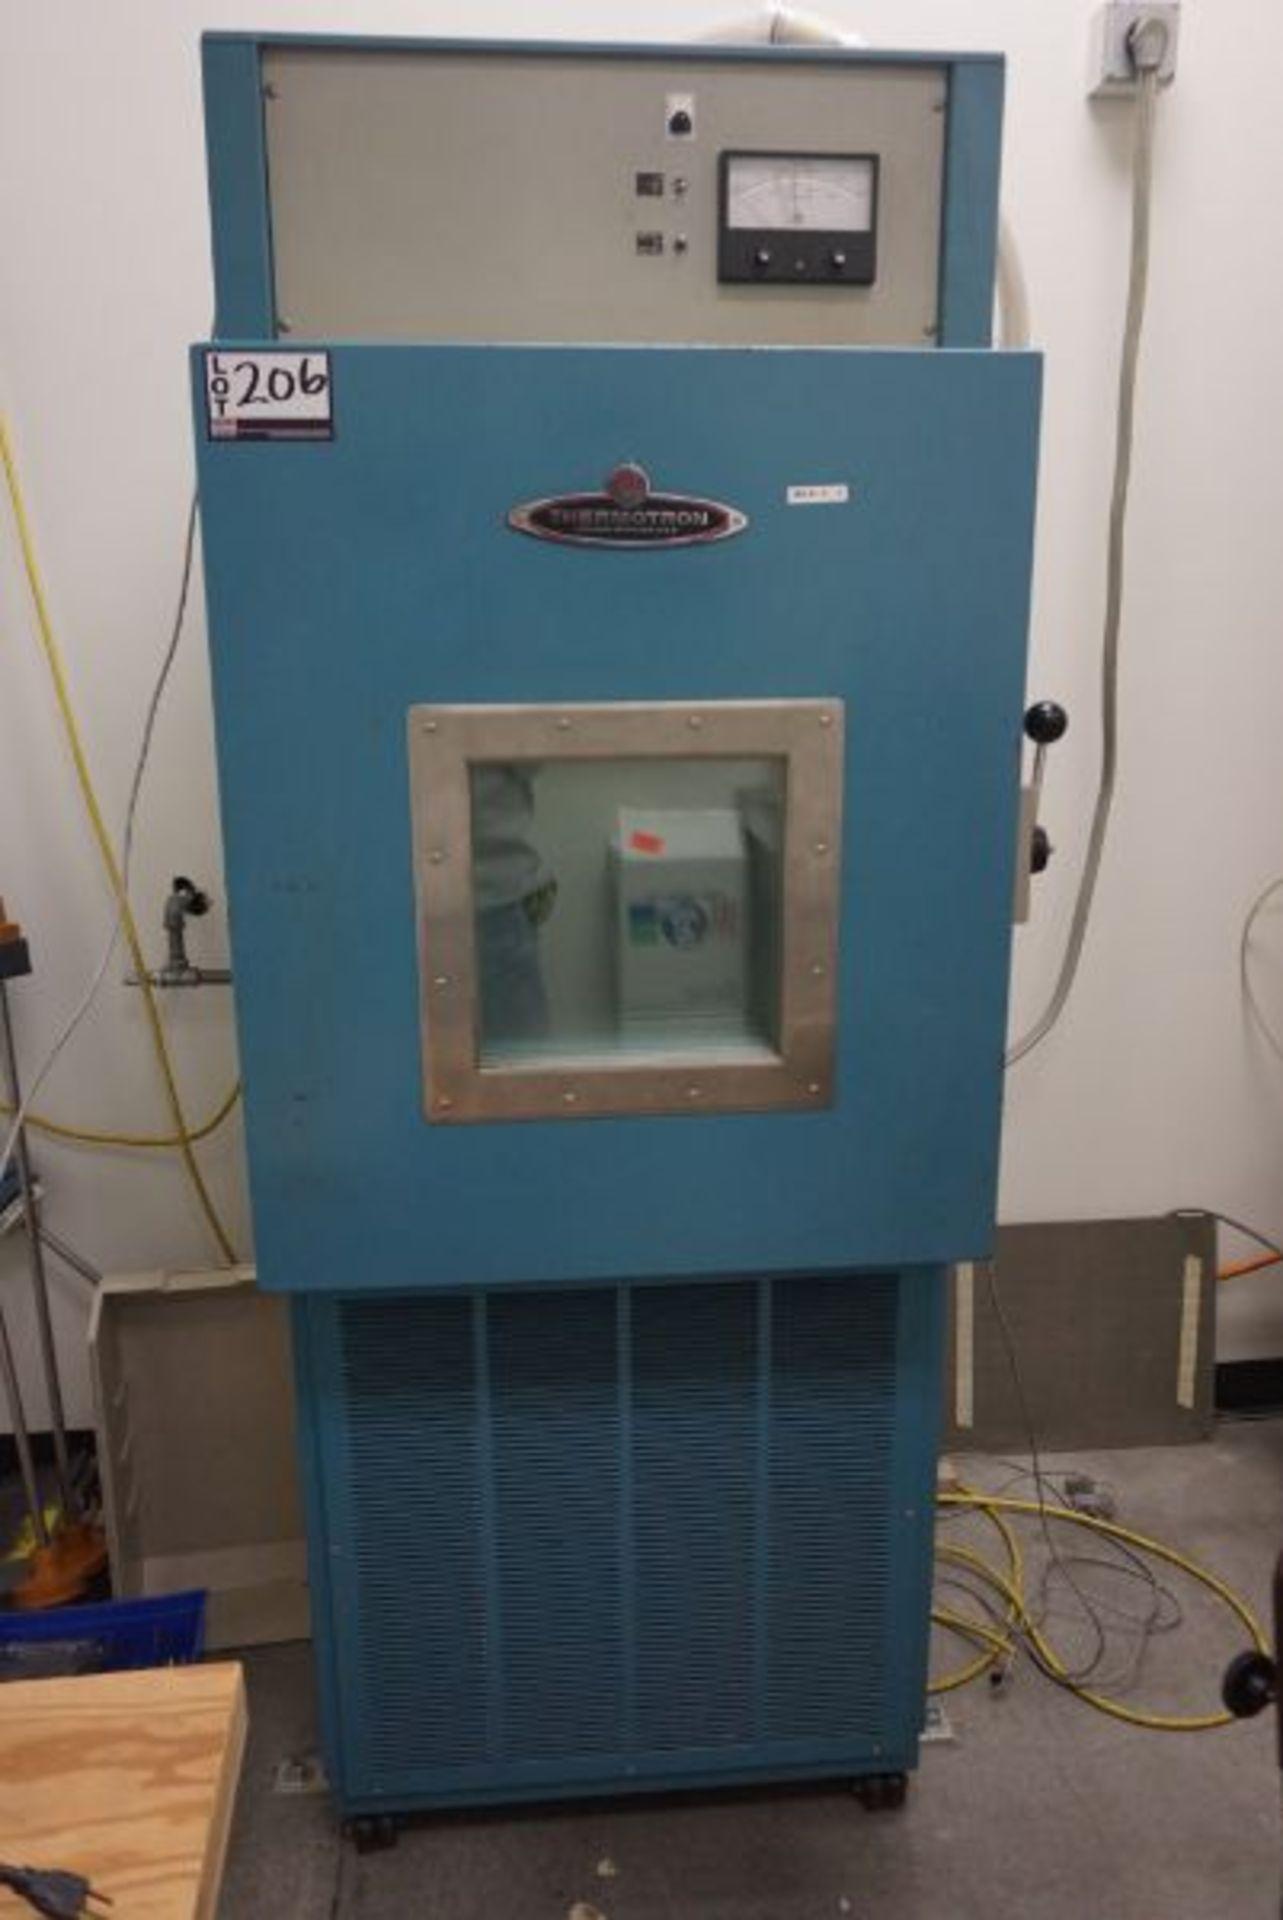 Thermotron Oven